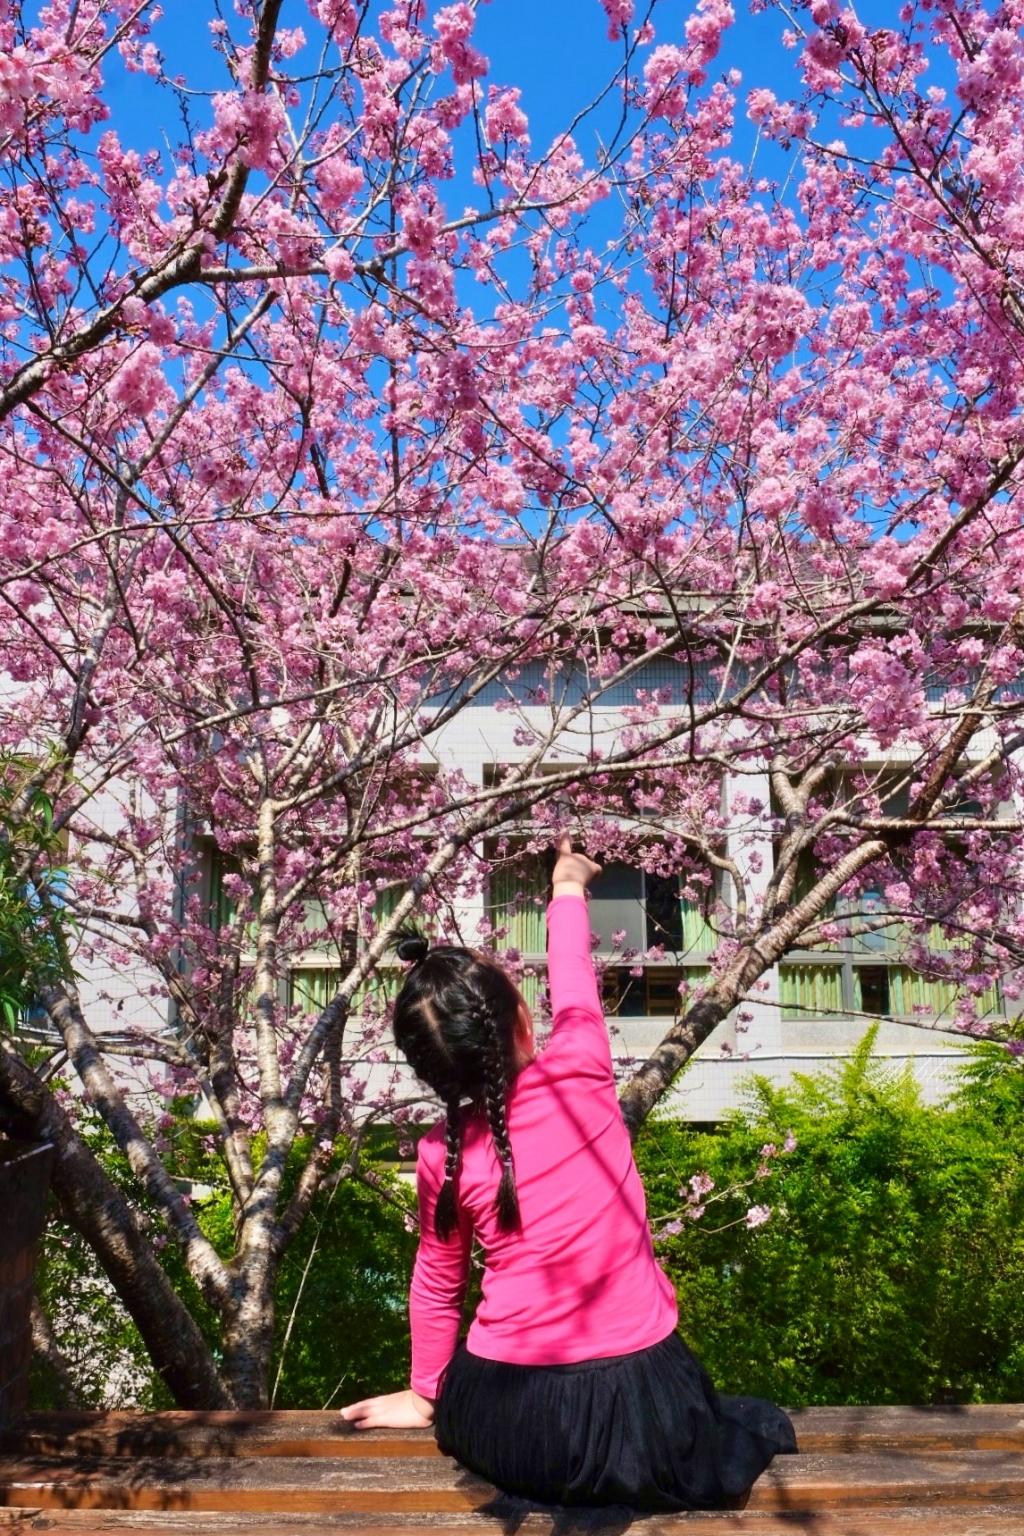 台大茶園(鹿谷鳳凰自然教育園區):2021南投台大茶園櫻花季,散步浪漫河津櫻木棧步道 @飛天璇的口袋